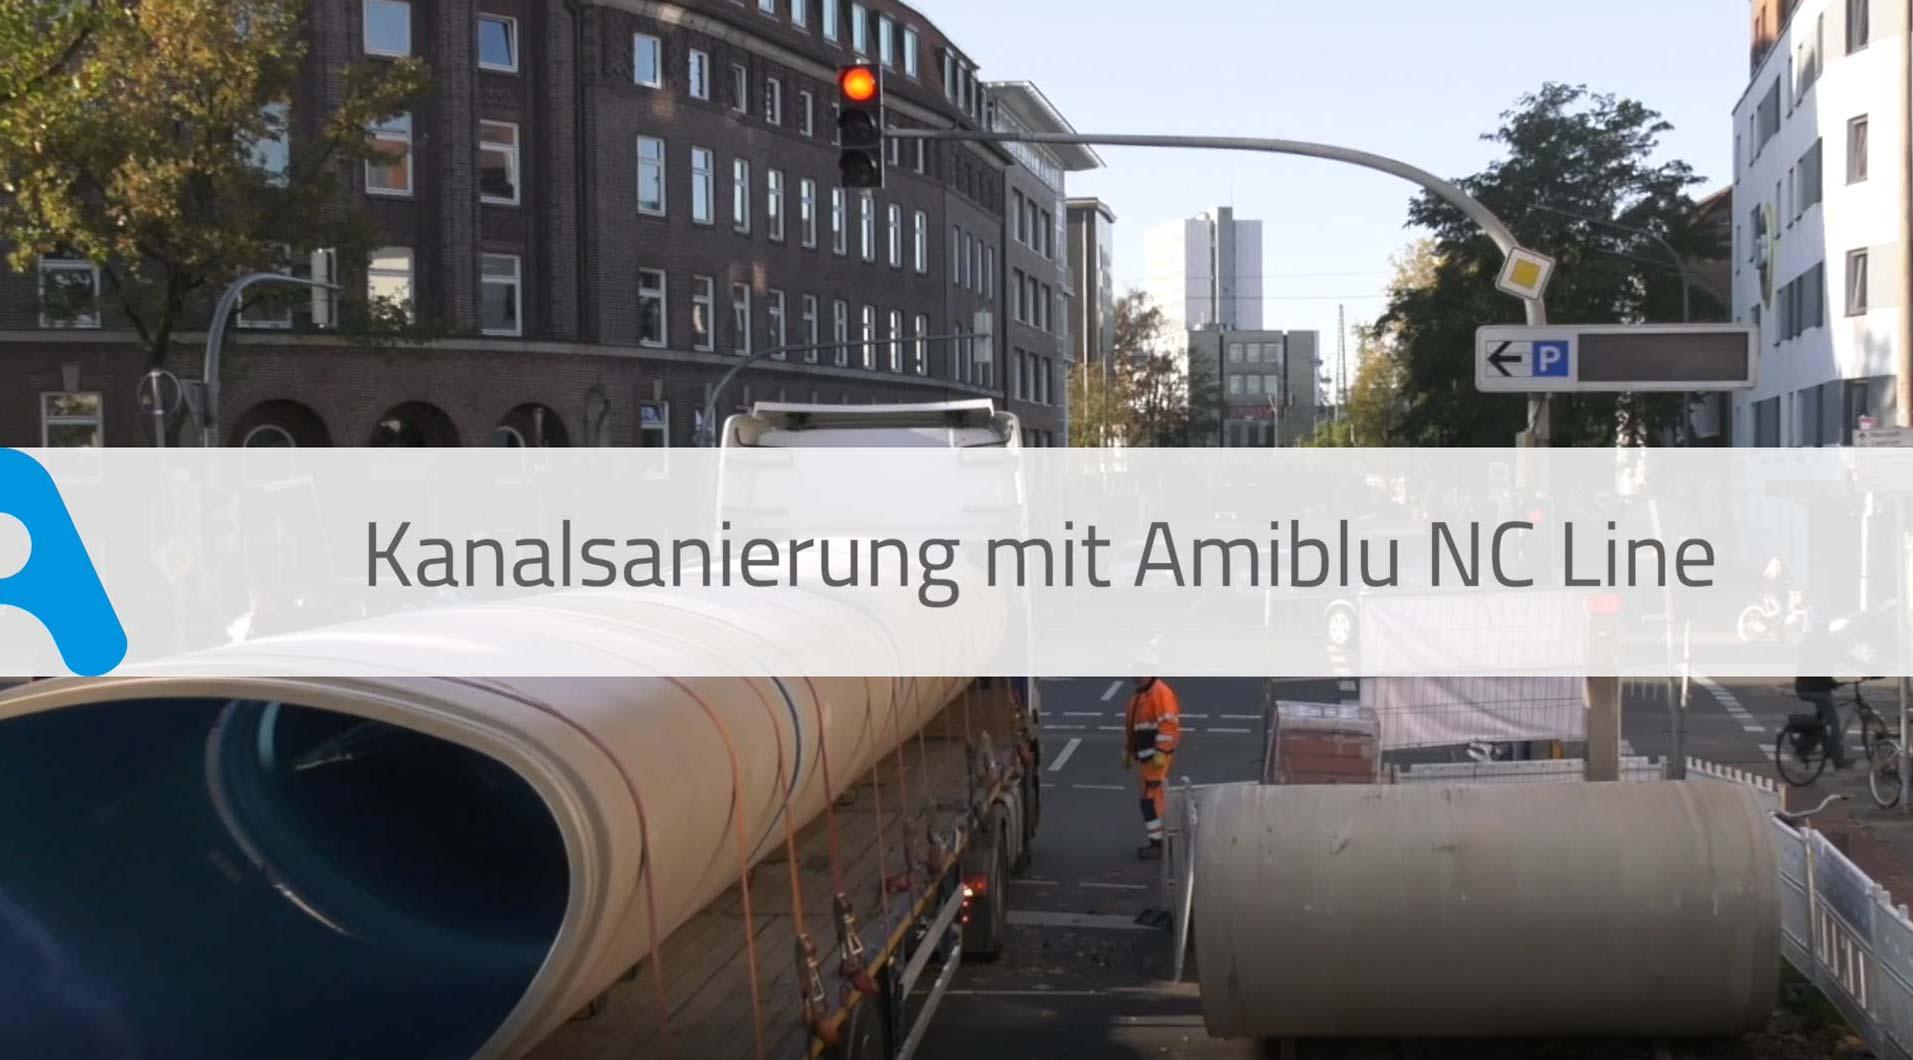 Kanalsanierung mit Amiblu NC Line Video